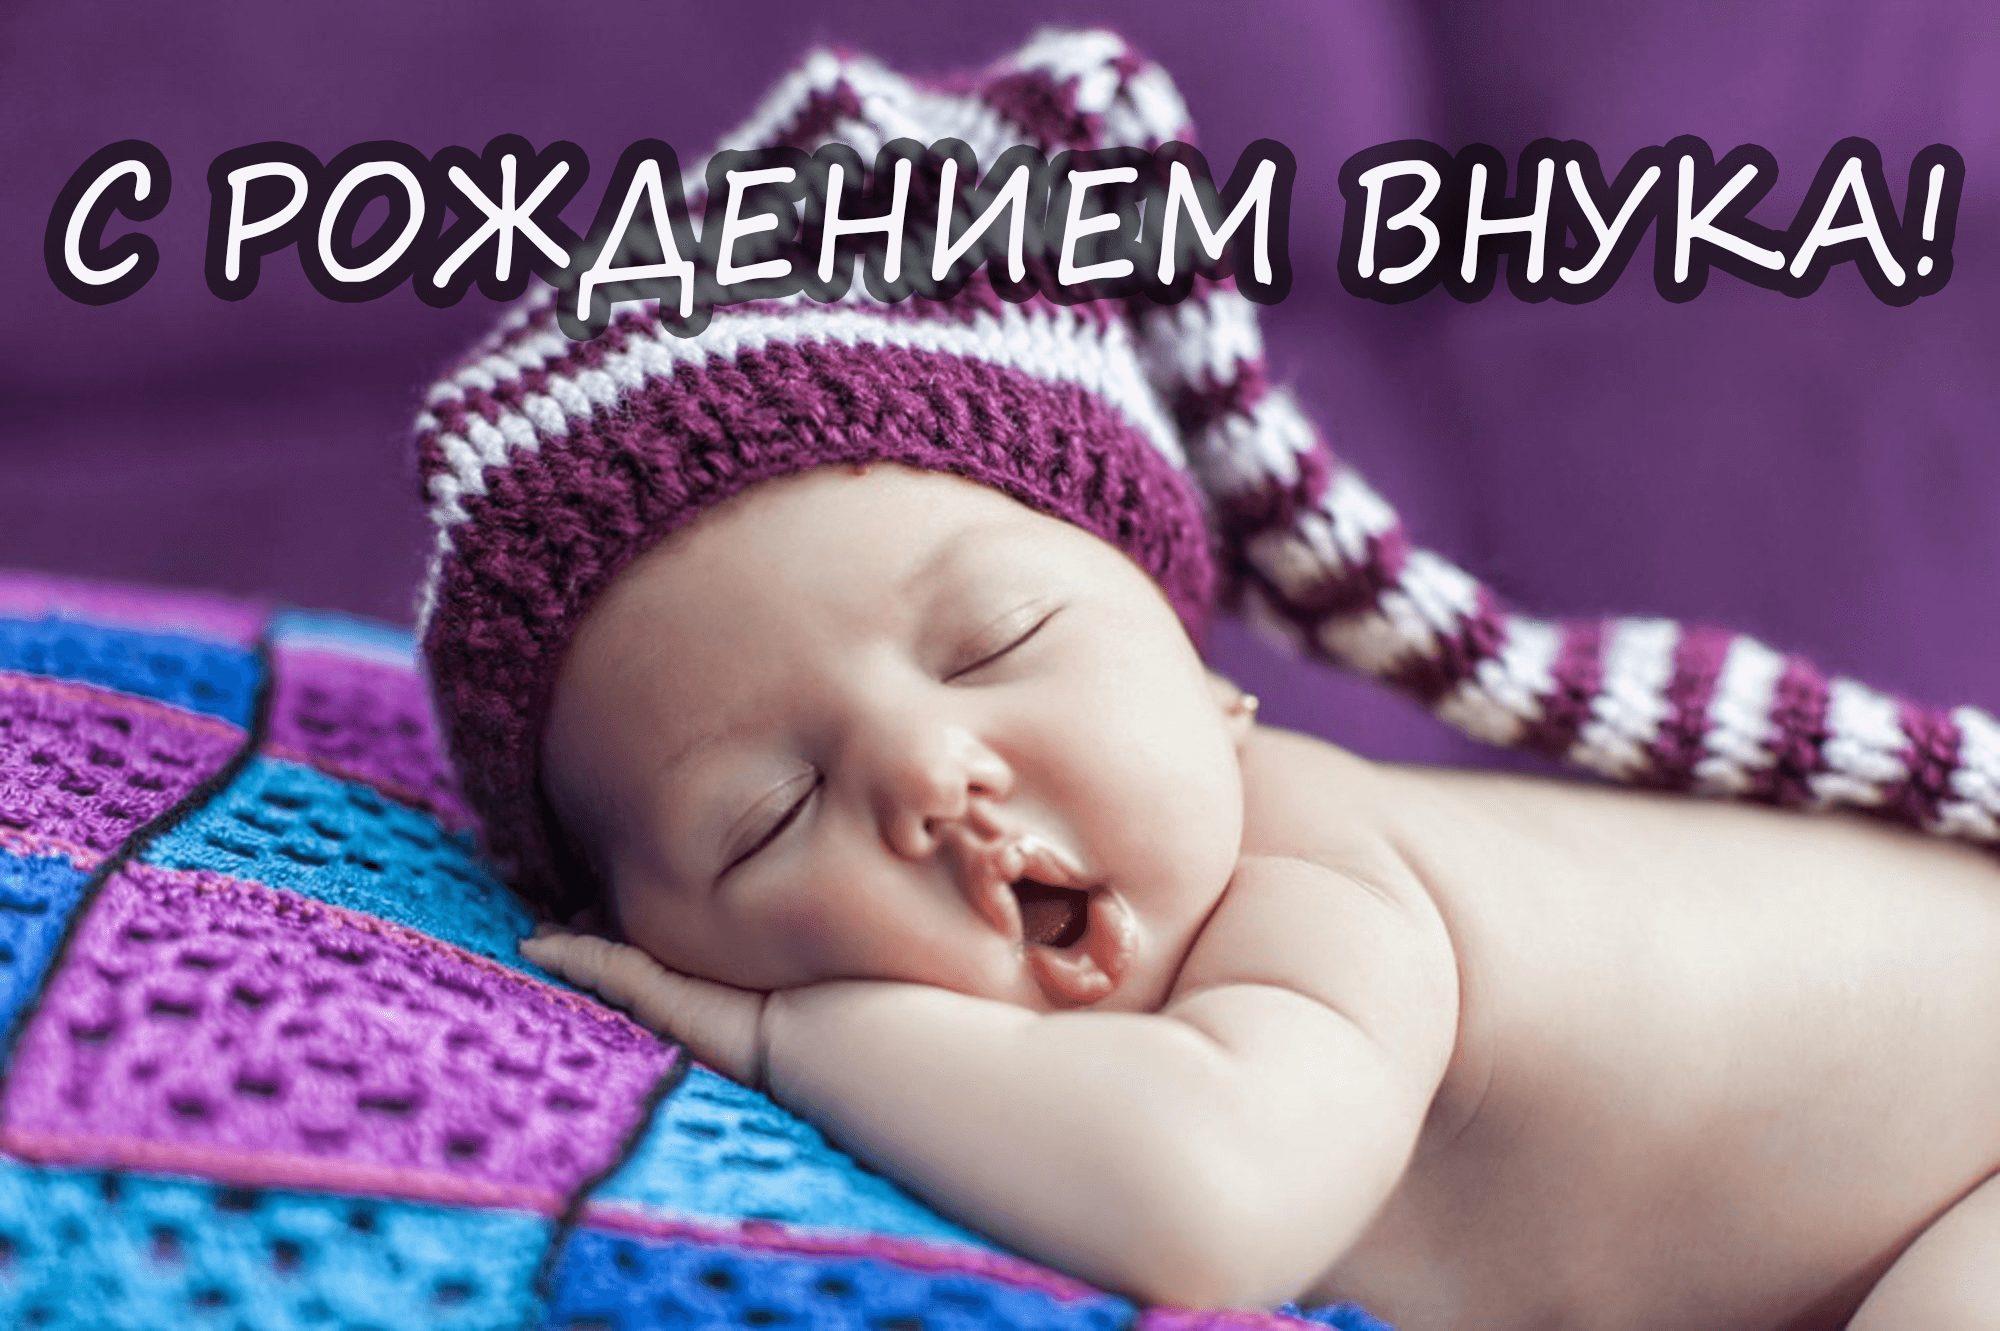 С рождением внука поздравление